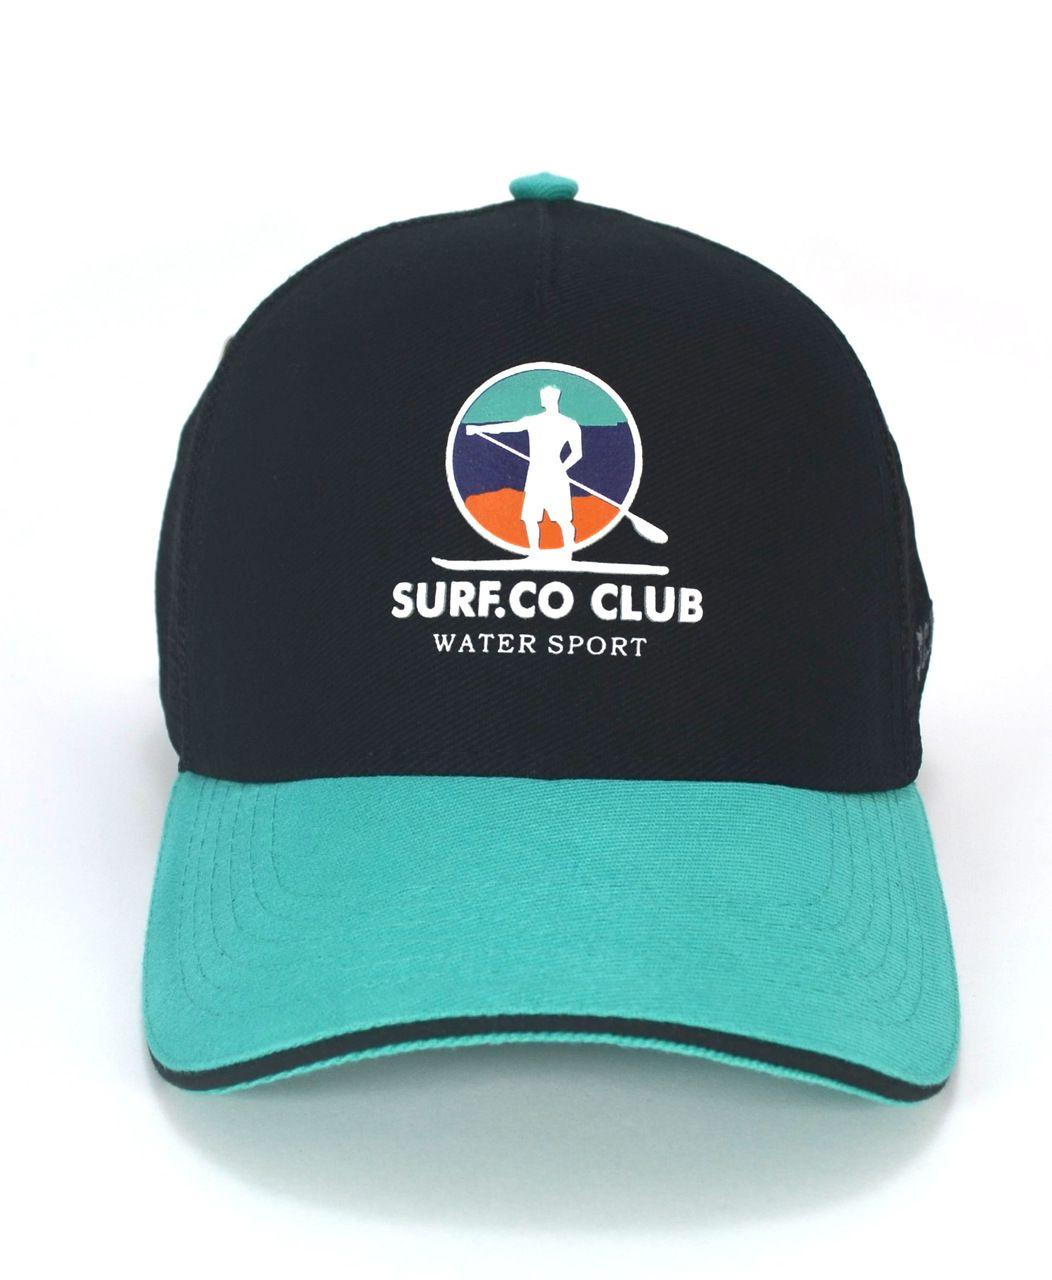 Boné Surf Preto e Turquesa Aba Curva MINI Trucker Masculino Feminino - Club Made